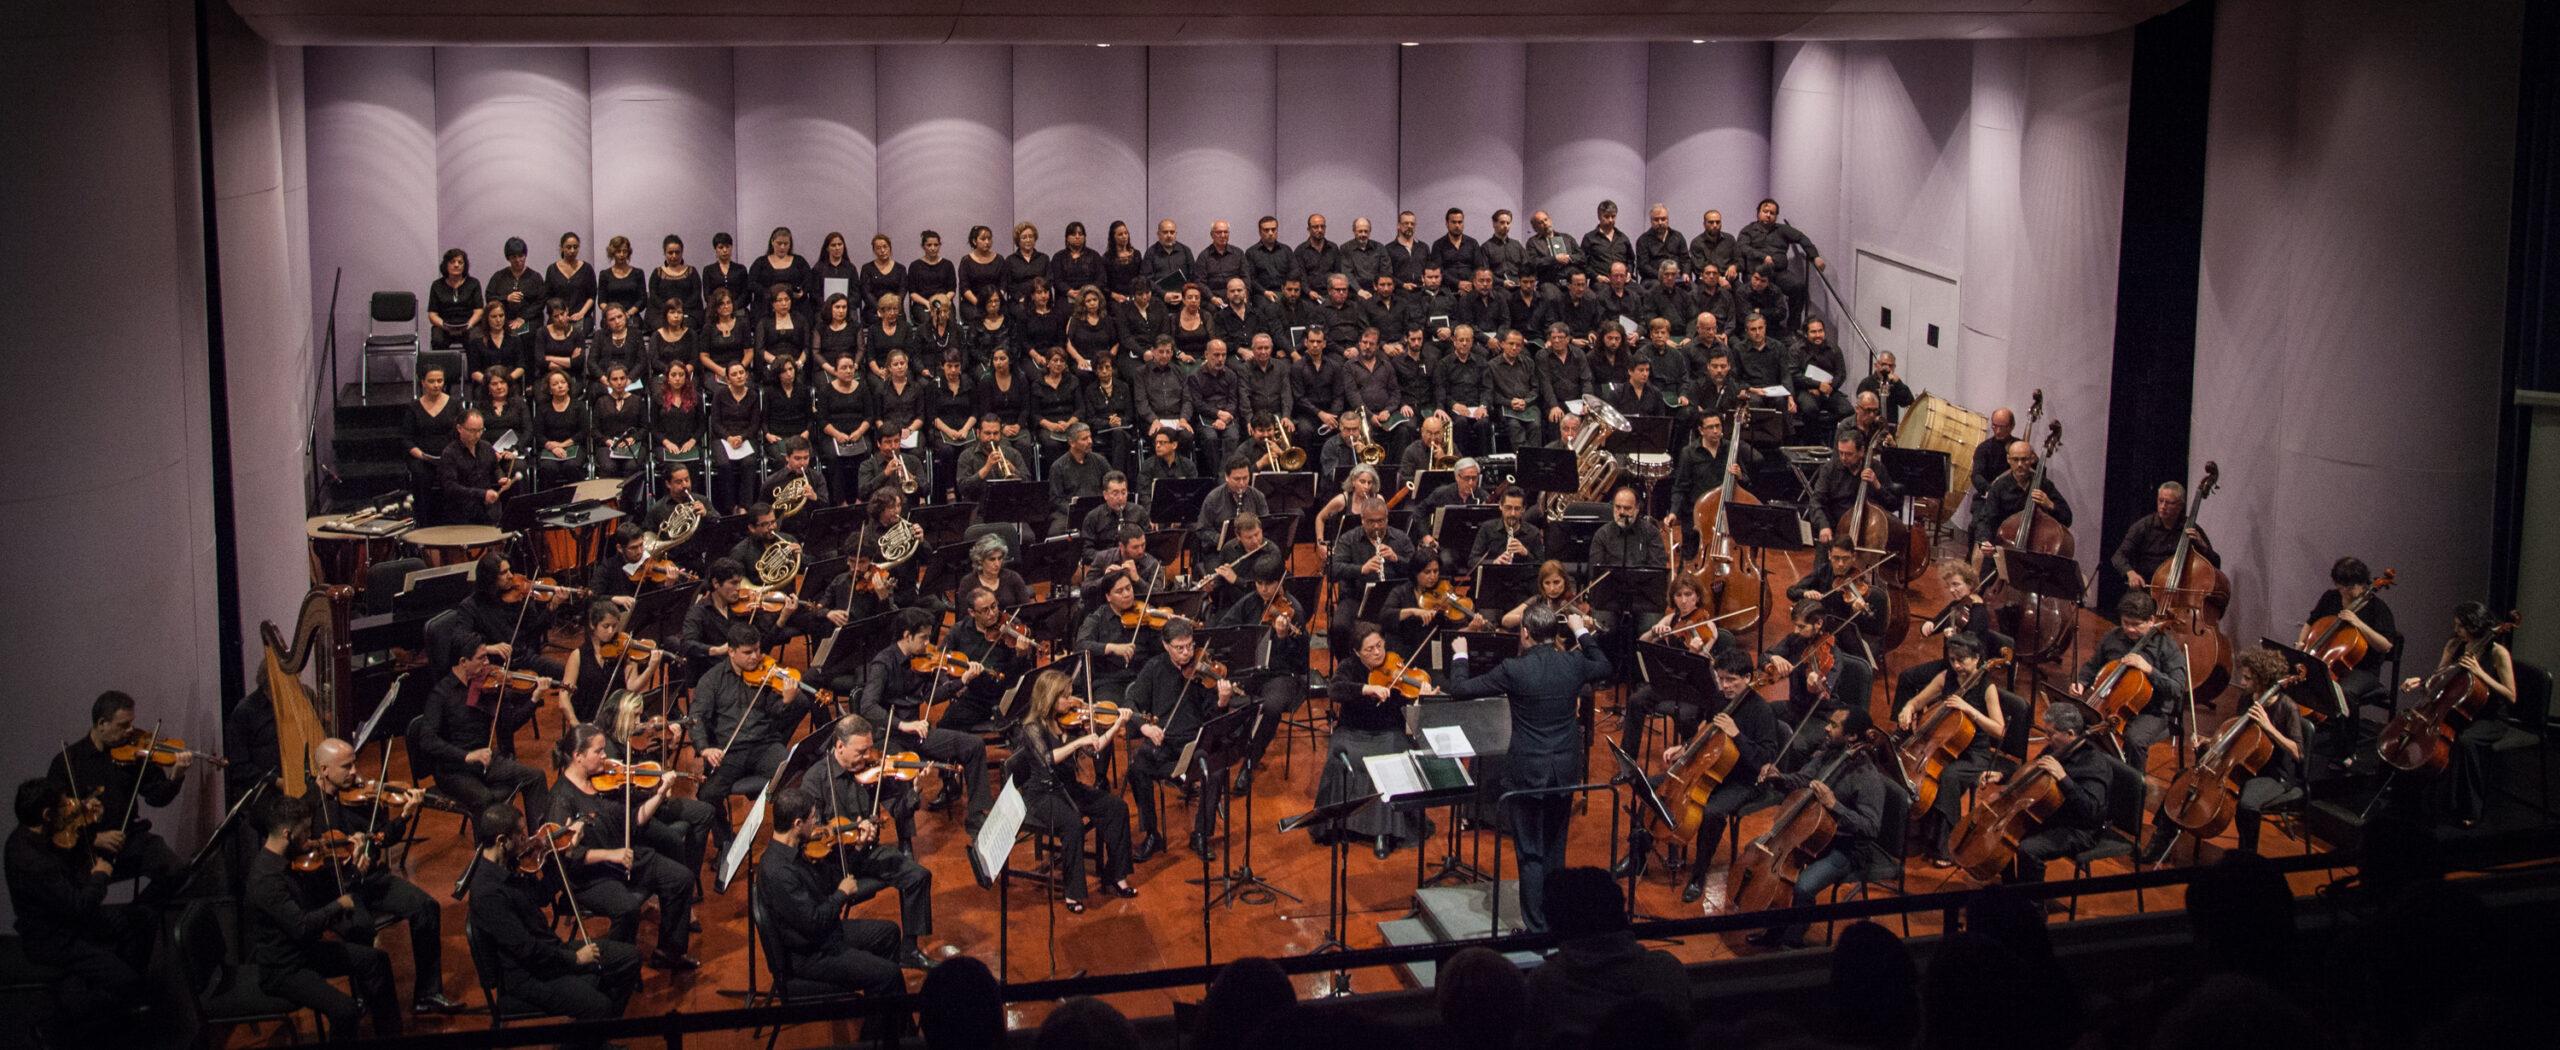 Foto: Camerata Vocal de la Universidad de Chile, CEAC.